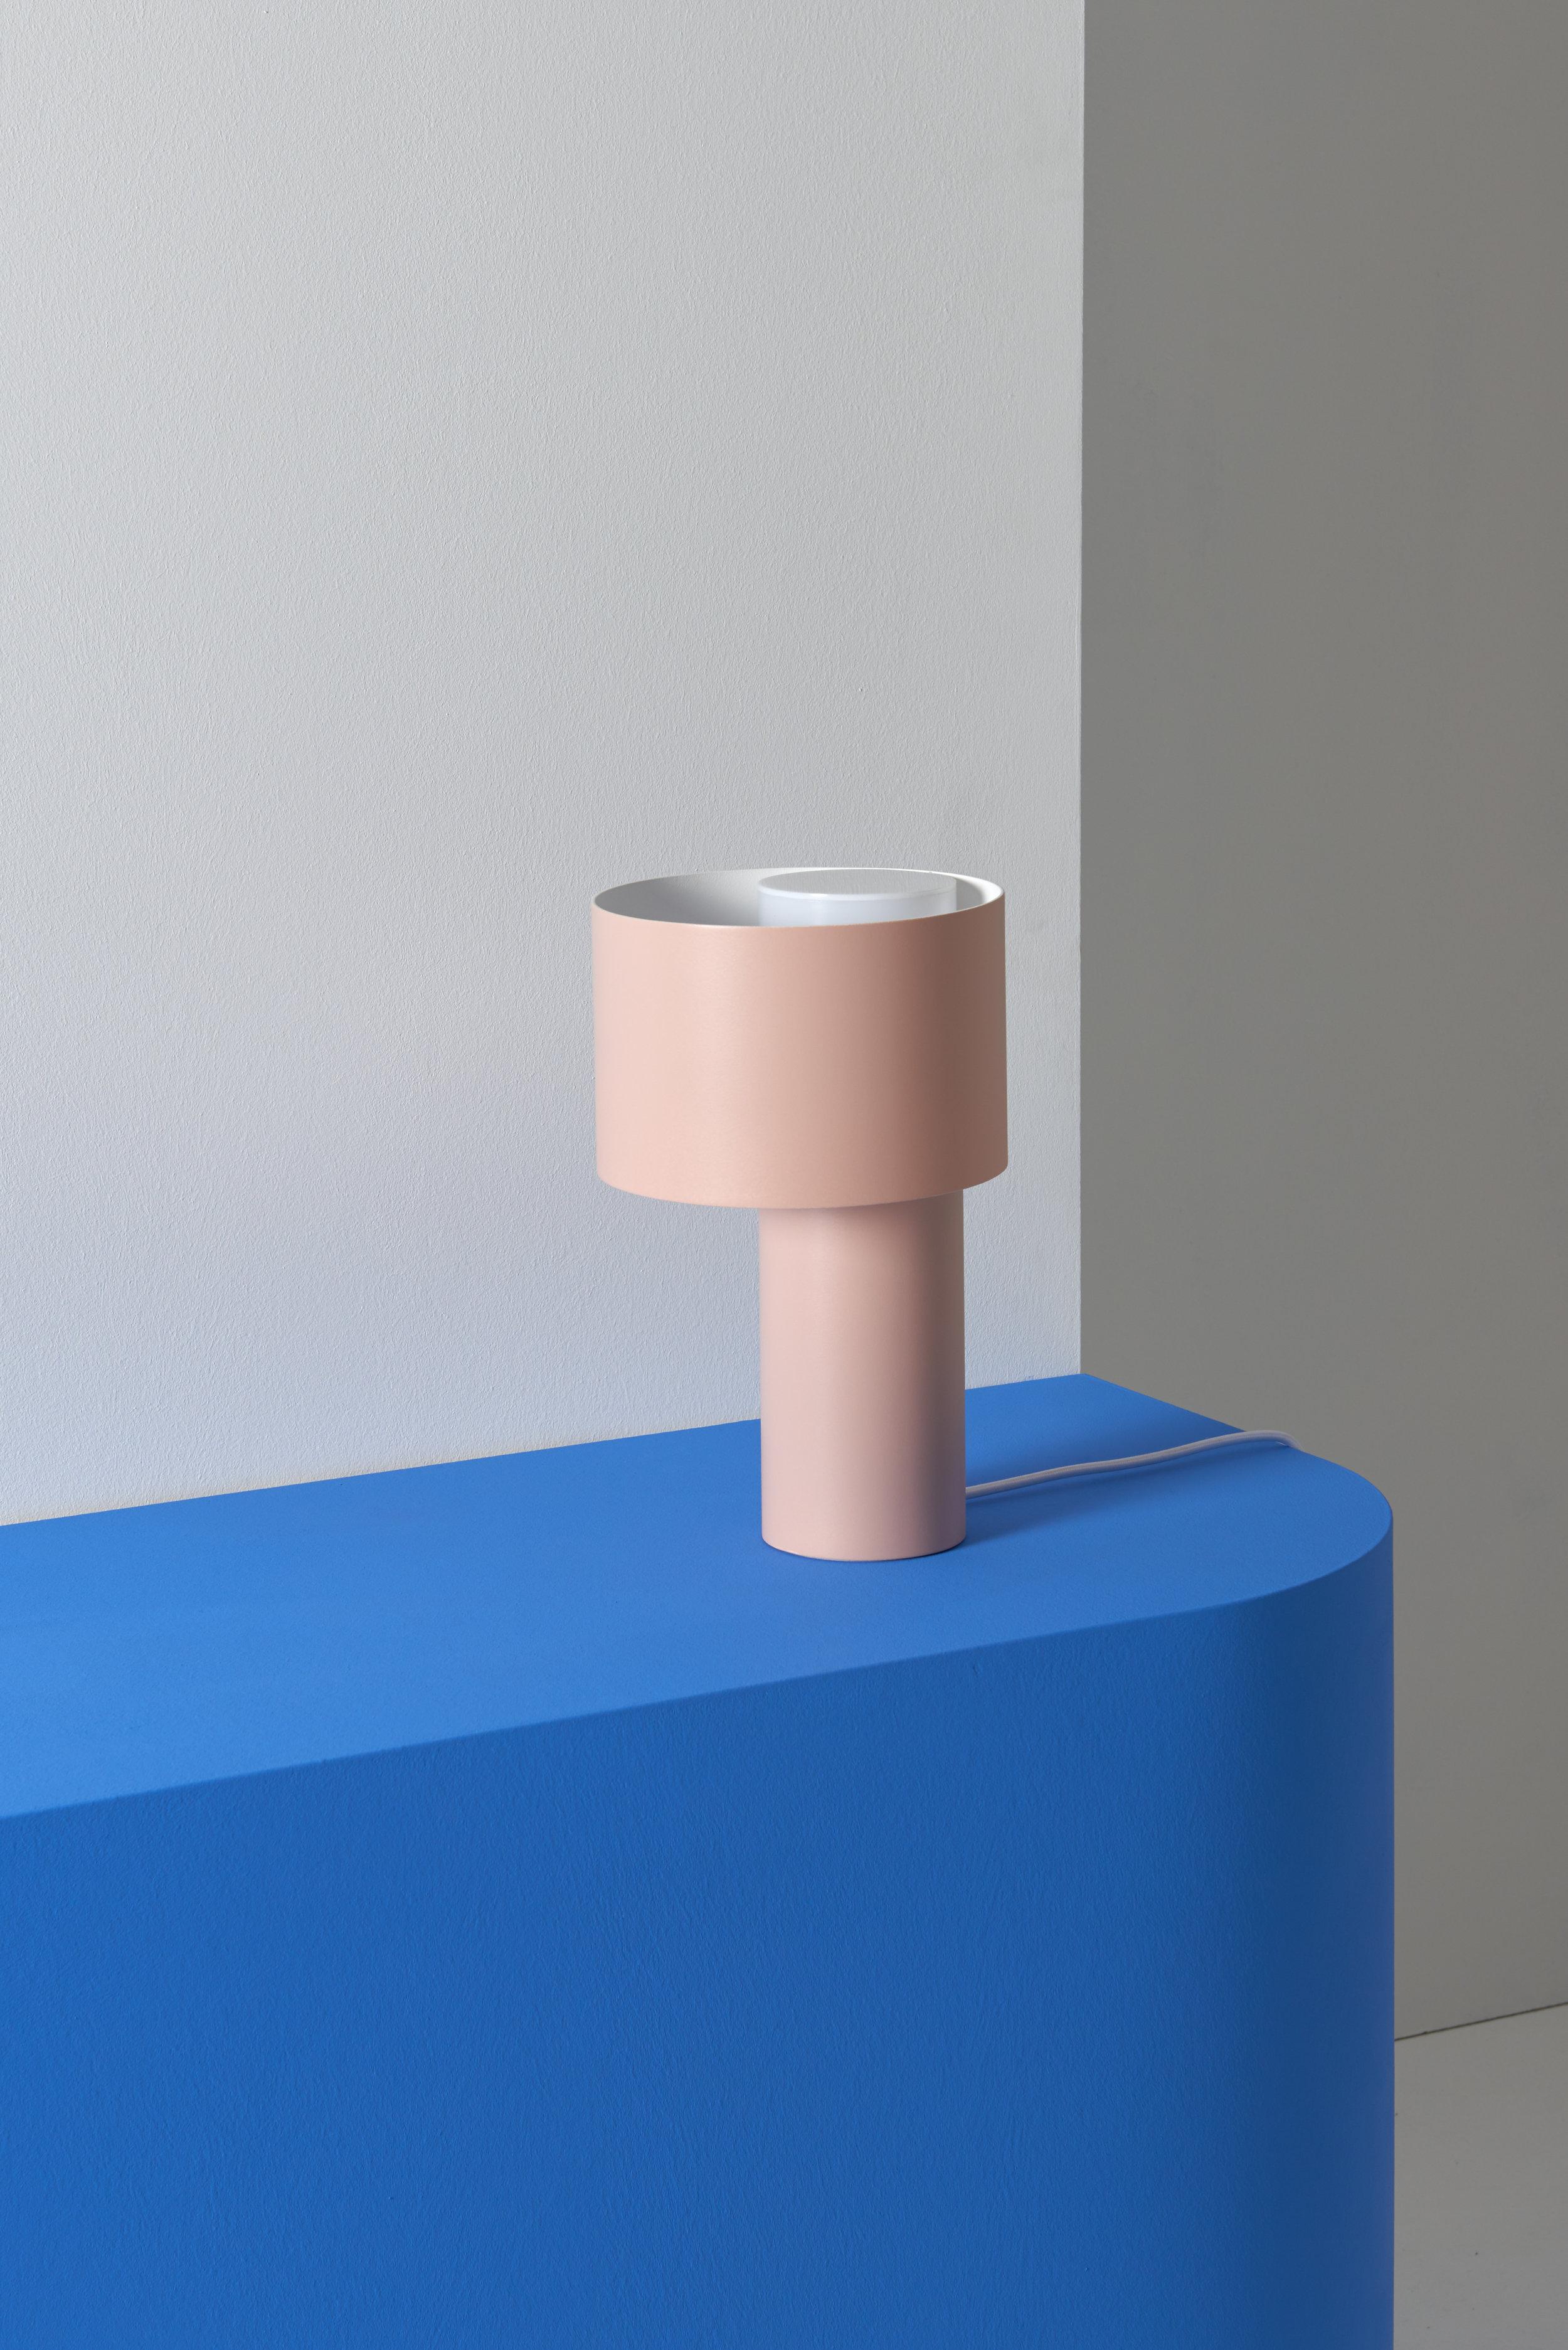 TANGENT_TABLE_LAMP_Frederik_Kurzweg_05.jpg